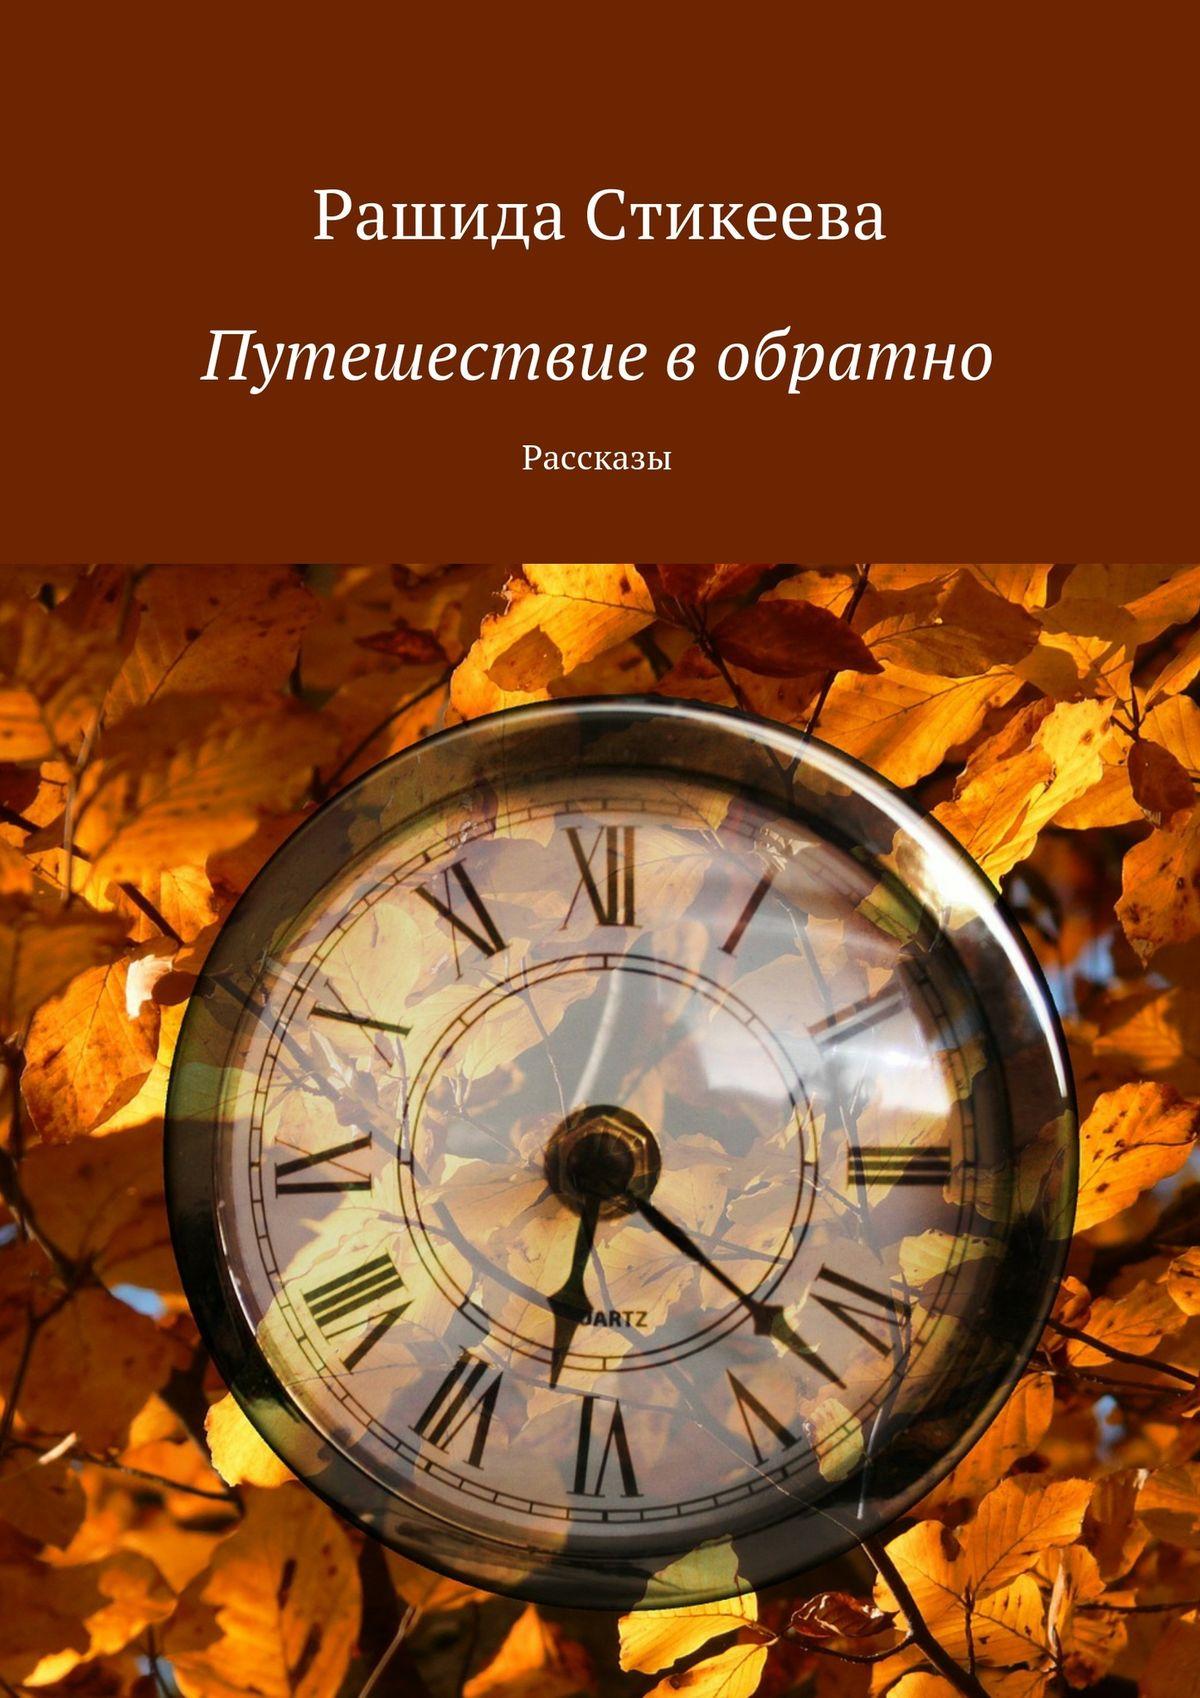 Рашида Стикеева Путешествие в обратно открытка субботний вечер из набора год овцы автор татьяна перова